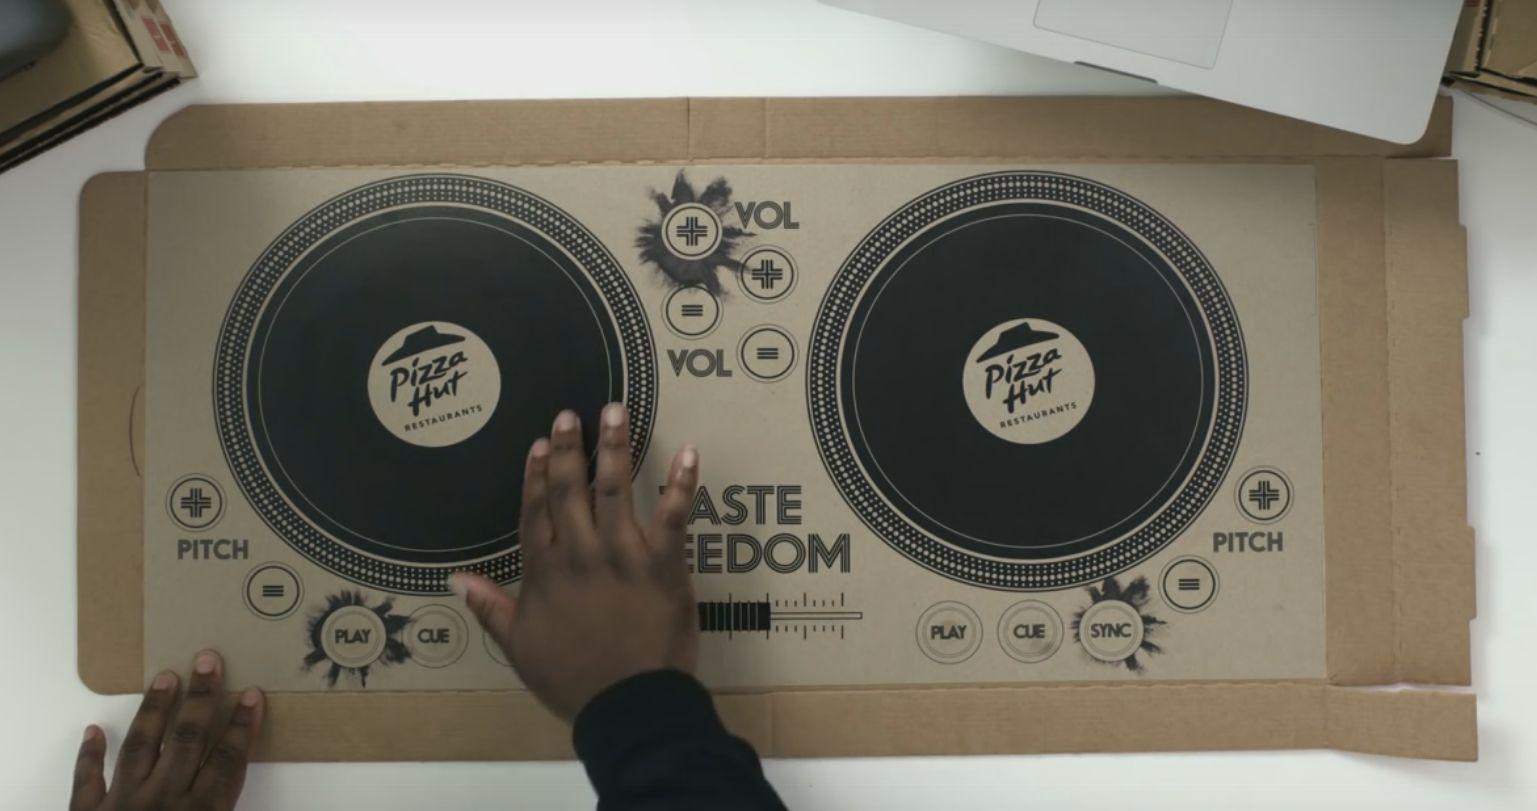 Teraz widziałem już wszystko, czyli pudełko Pizza Hut jako zestaw DJ-ski